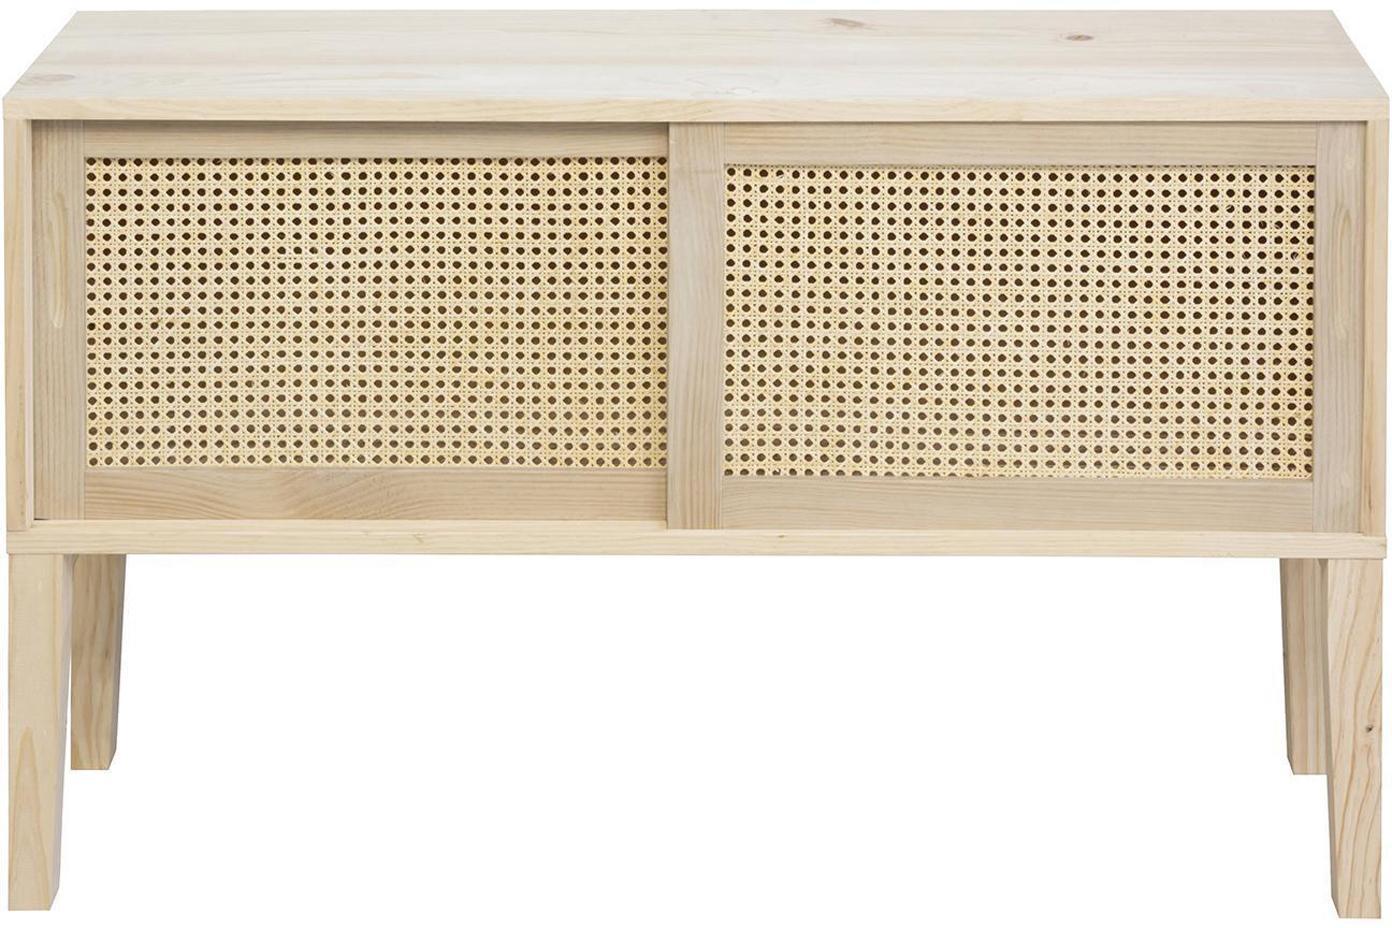 Aparador de madera de pino Rejilla, Beige, An 115 x Al 68 cm